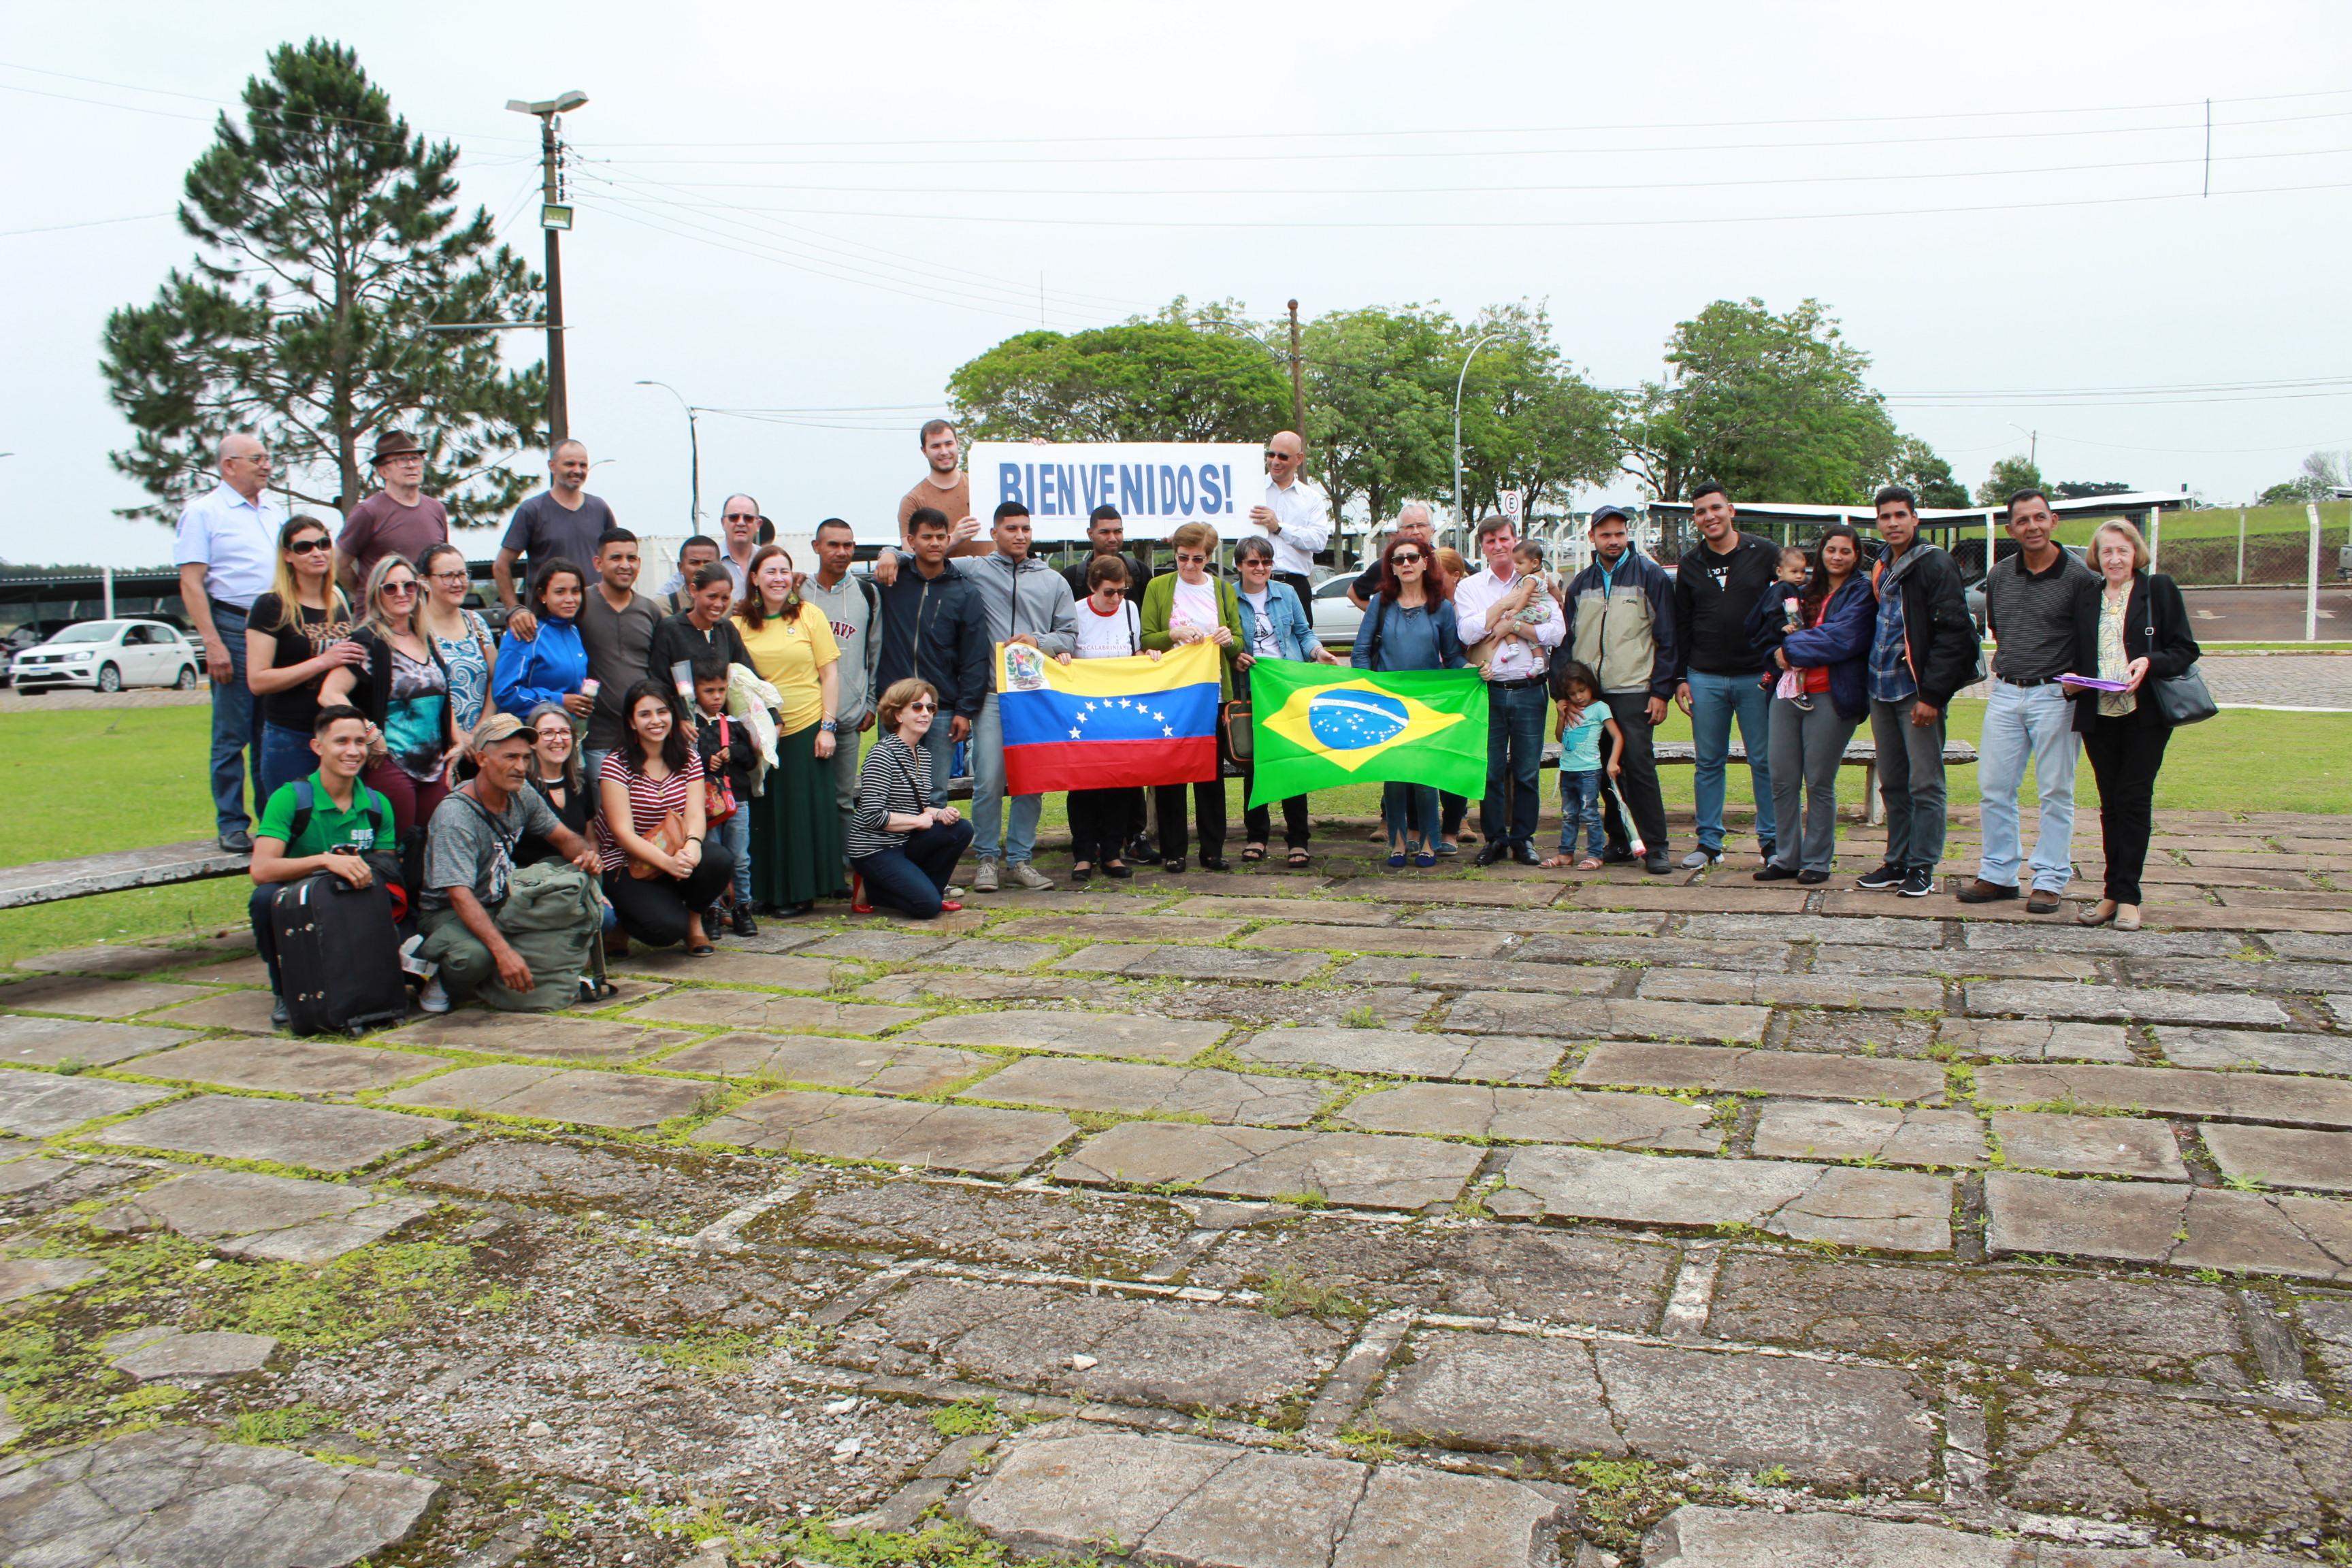 Caminhos de Solidariedade: Arquidiocese de Passo Fundo acolhe 20 venezuelanos